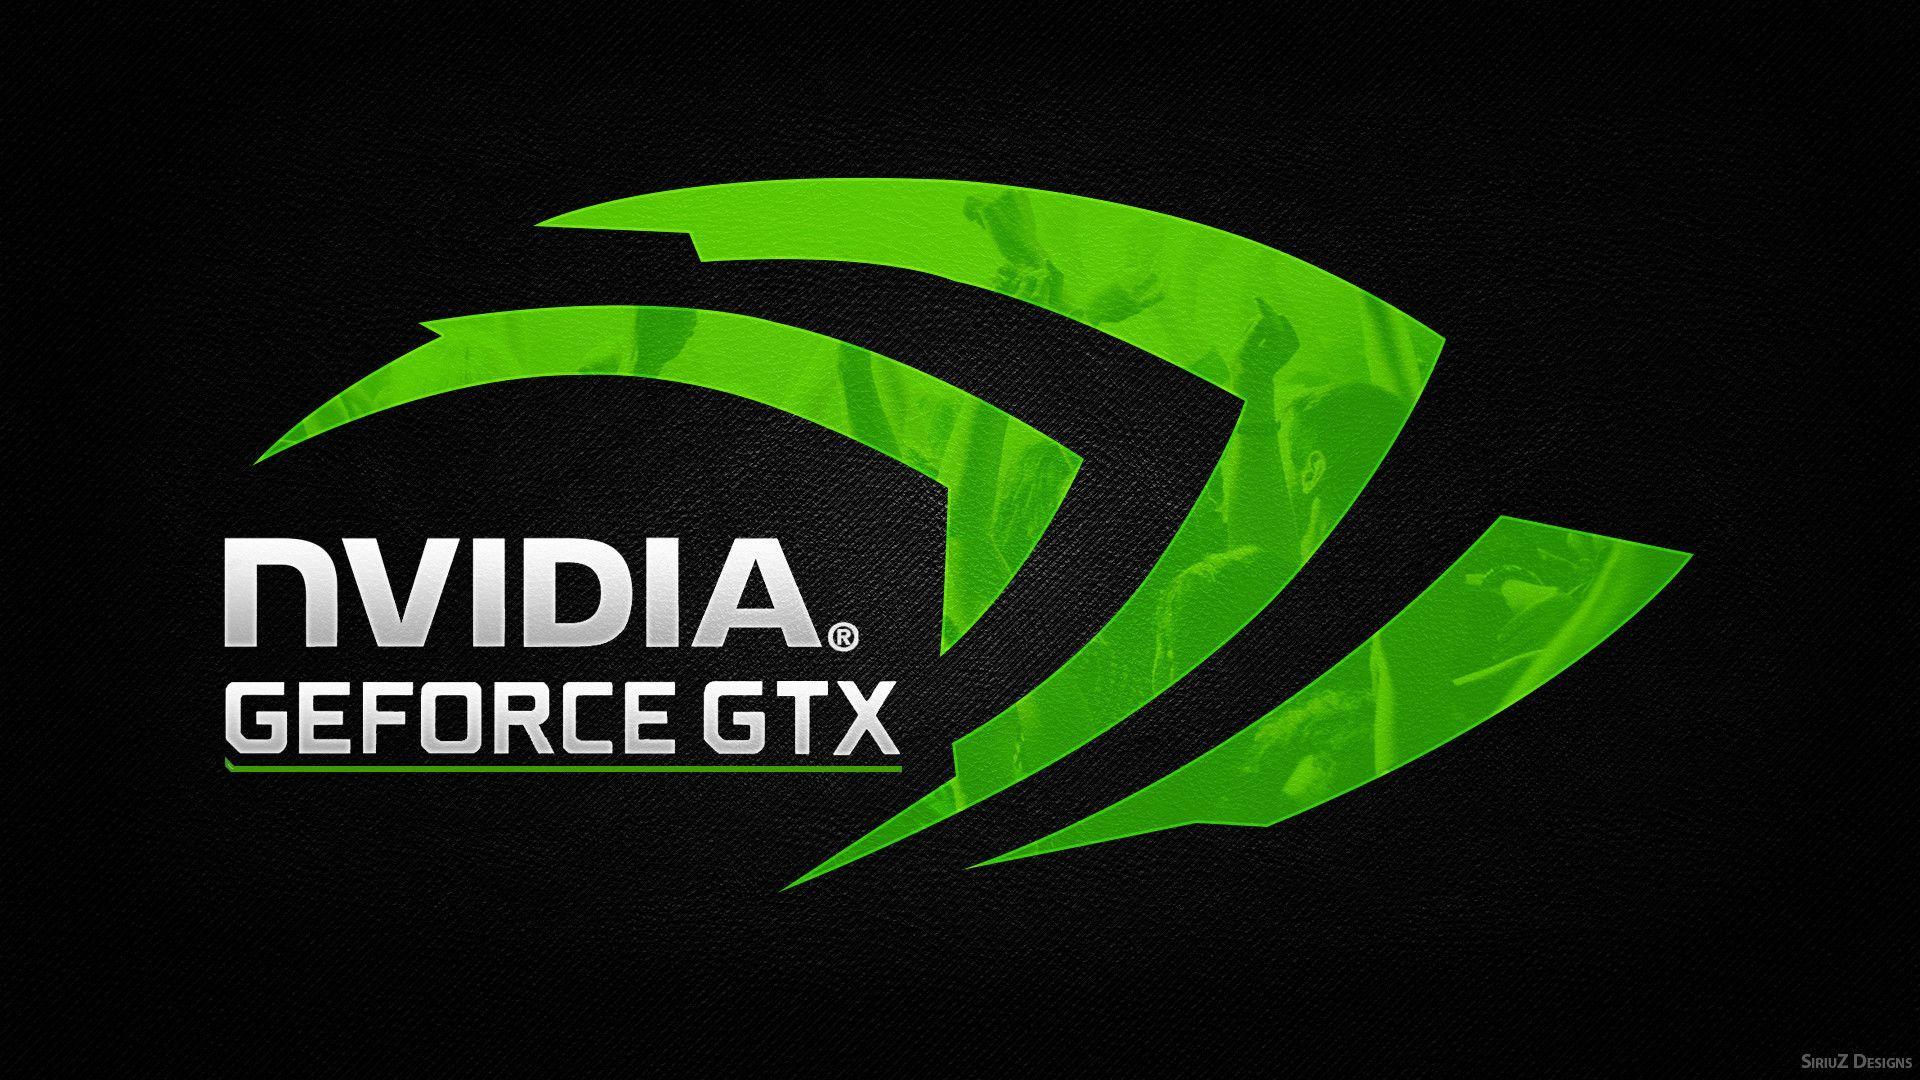 Nvidia Gtx Wallpapers 1920x1080 Wallpaper Cave